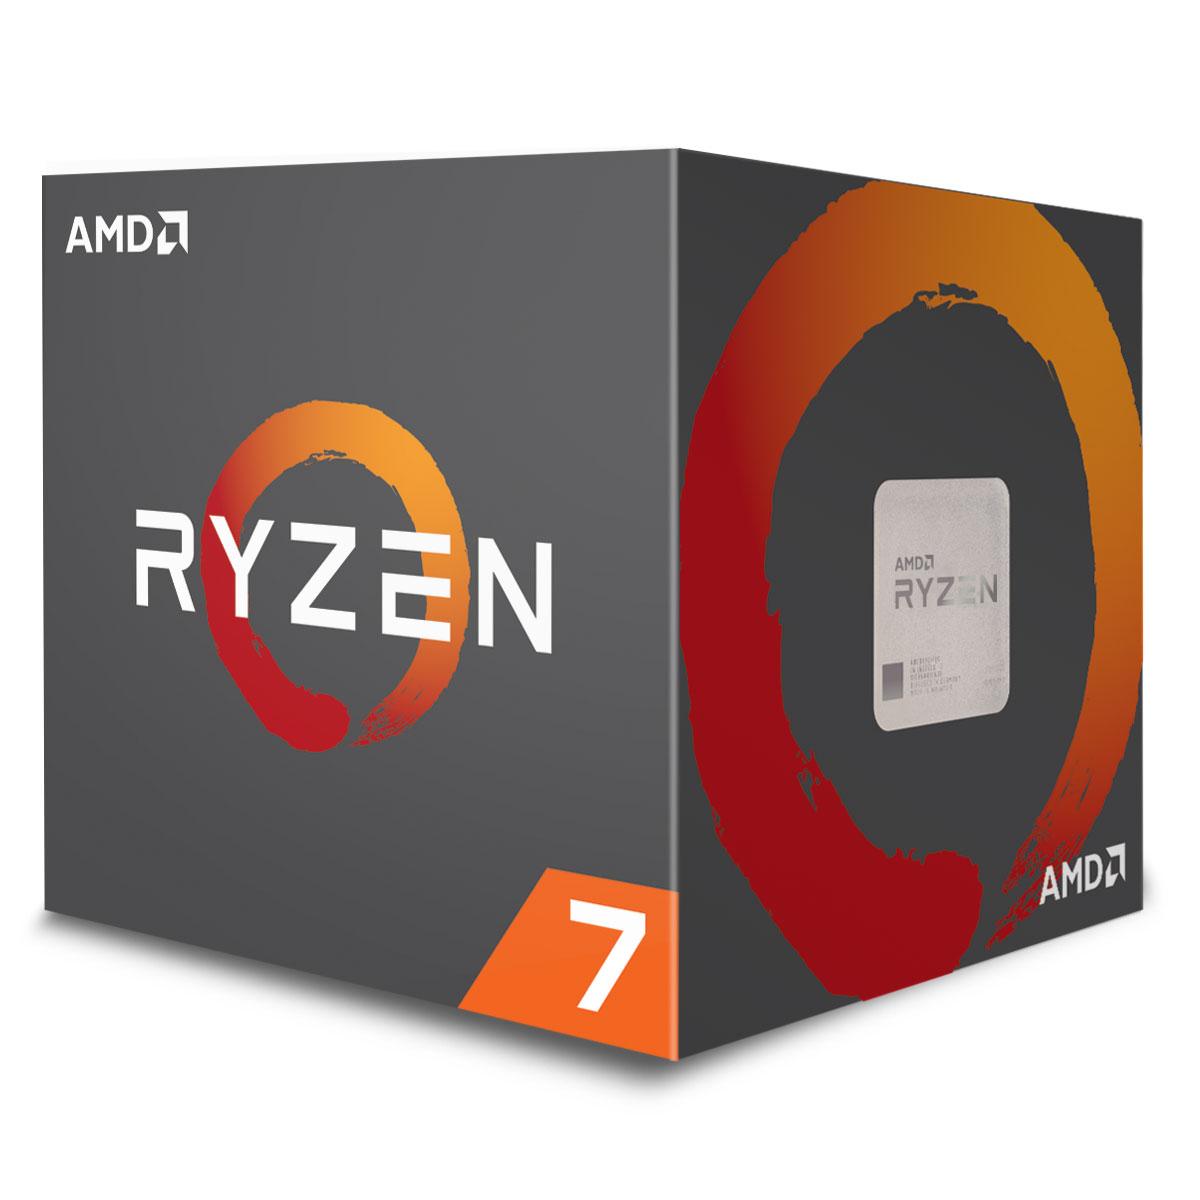 Processeur AMD Ryzen 7 2700X Wraith Prism Edition (3.7 GHz) Processeur 8-Core socket AM4 Cache L3 16 Mo 0.012 micron TDP 105W avec système de refroidissement (version boîte - garantie constructeur 3 ans)